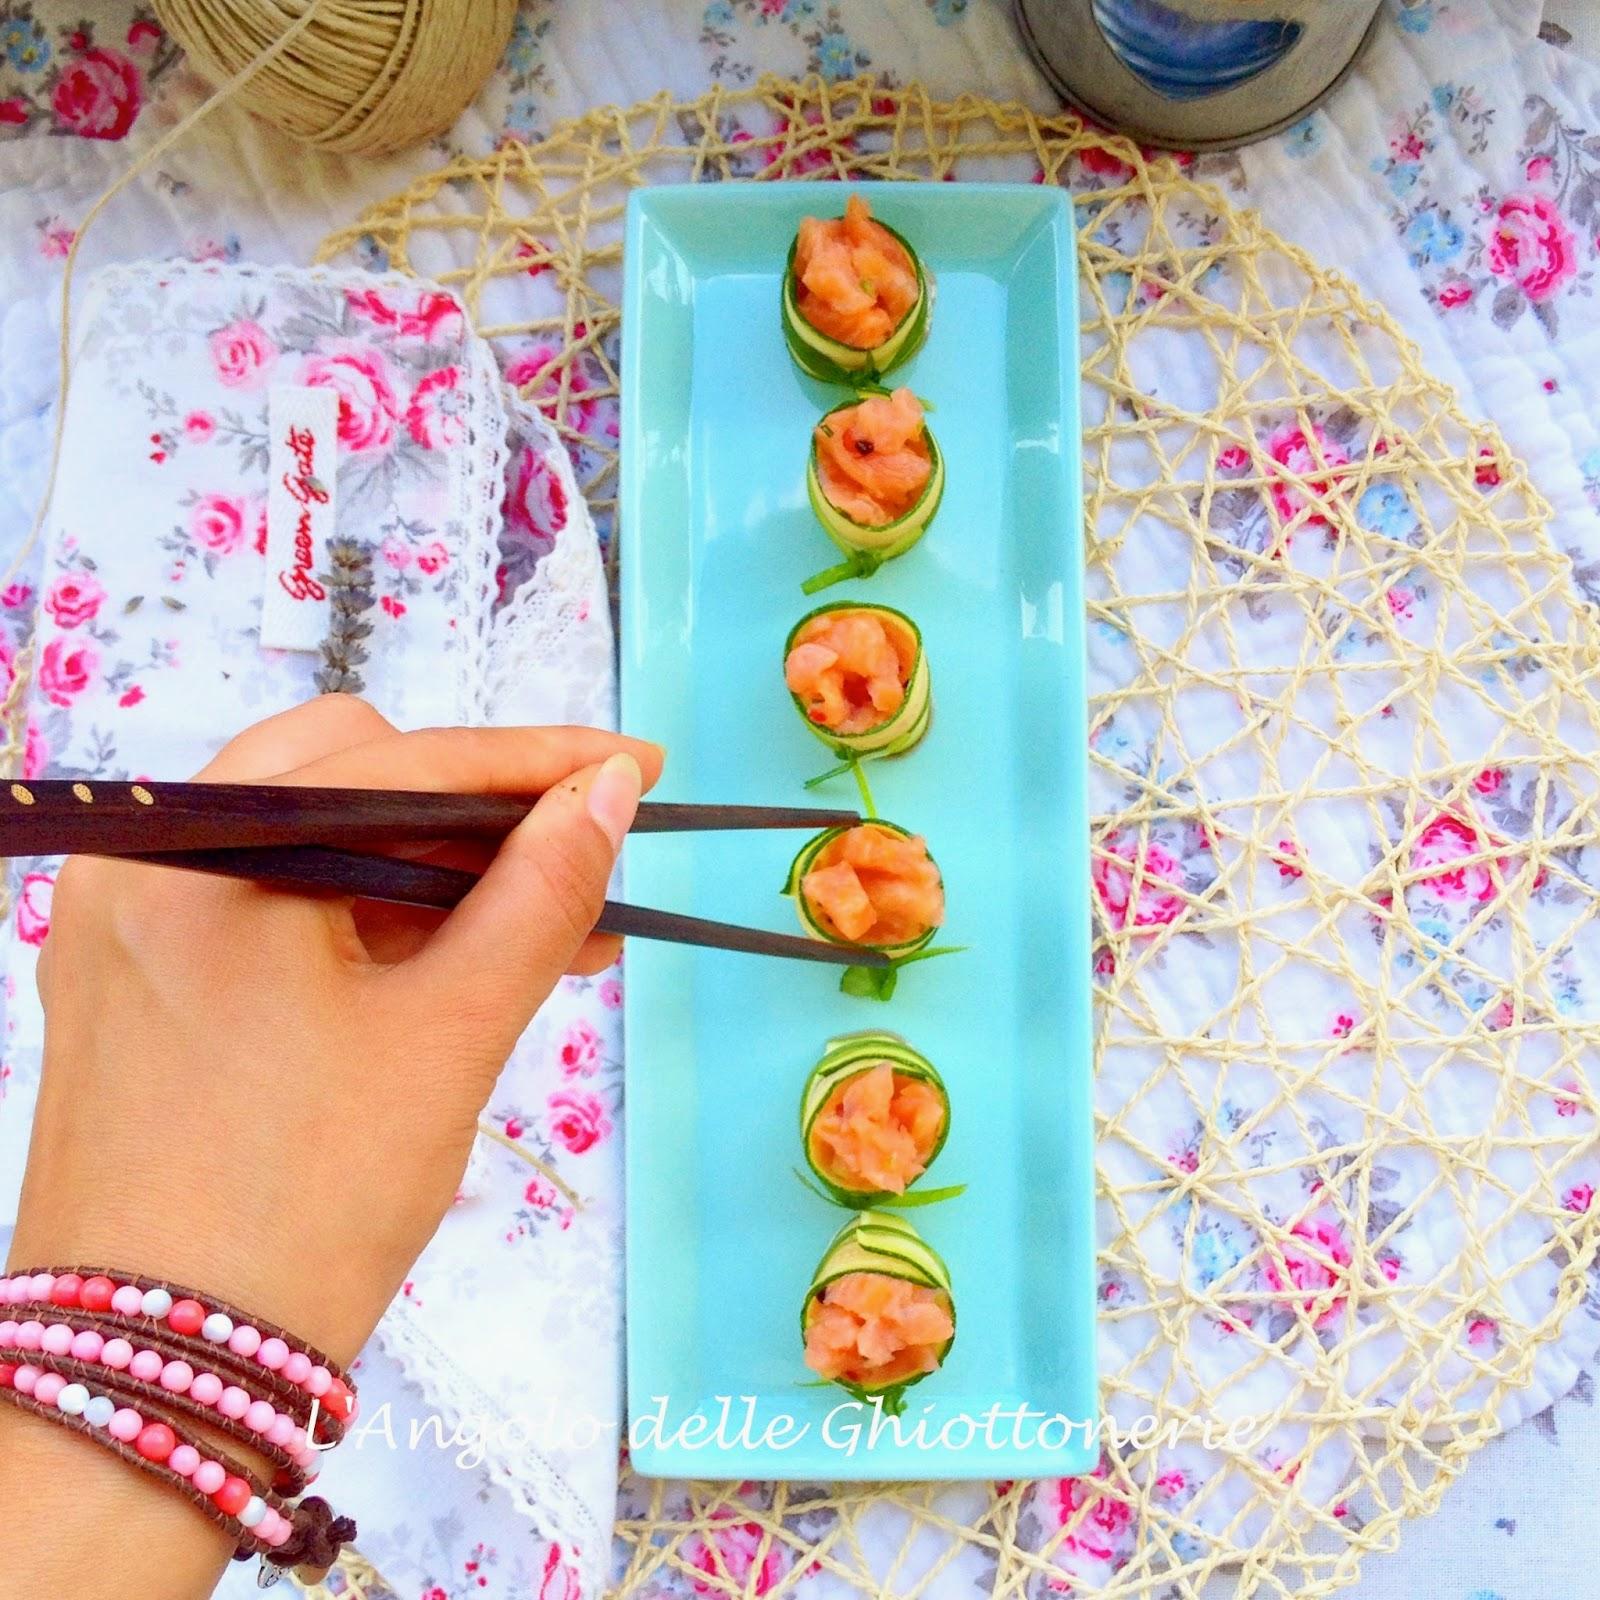 maki in the making. maki roll di salmone affumicato marinato, zucchine ed erba cipollina